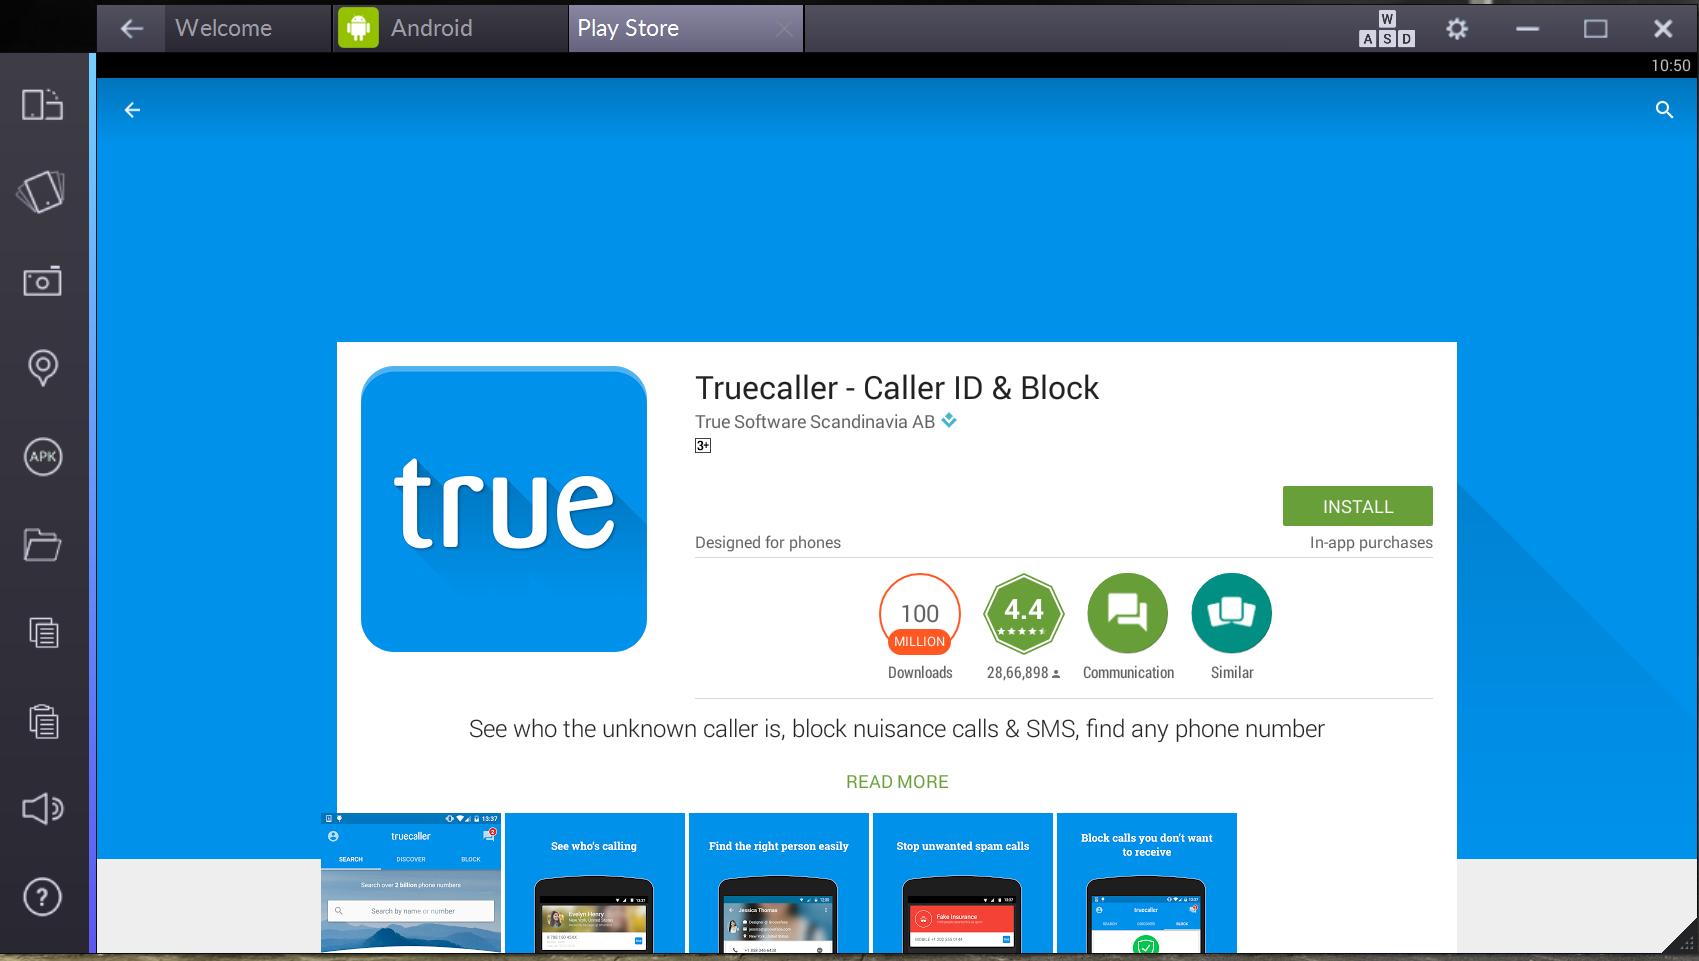 truecaller download online